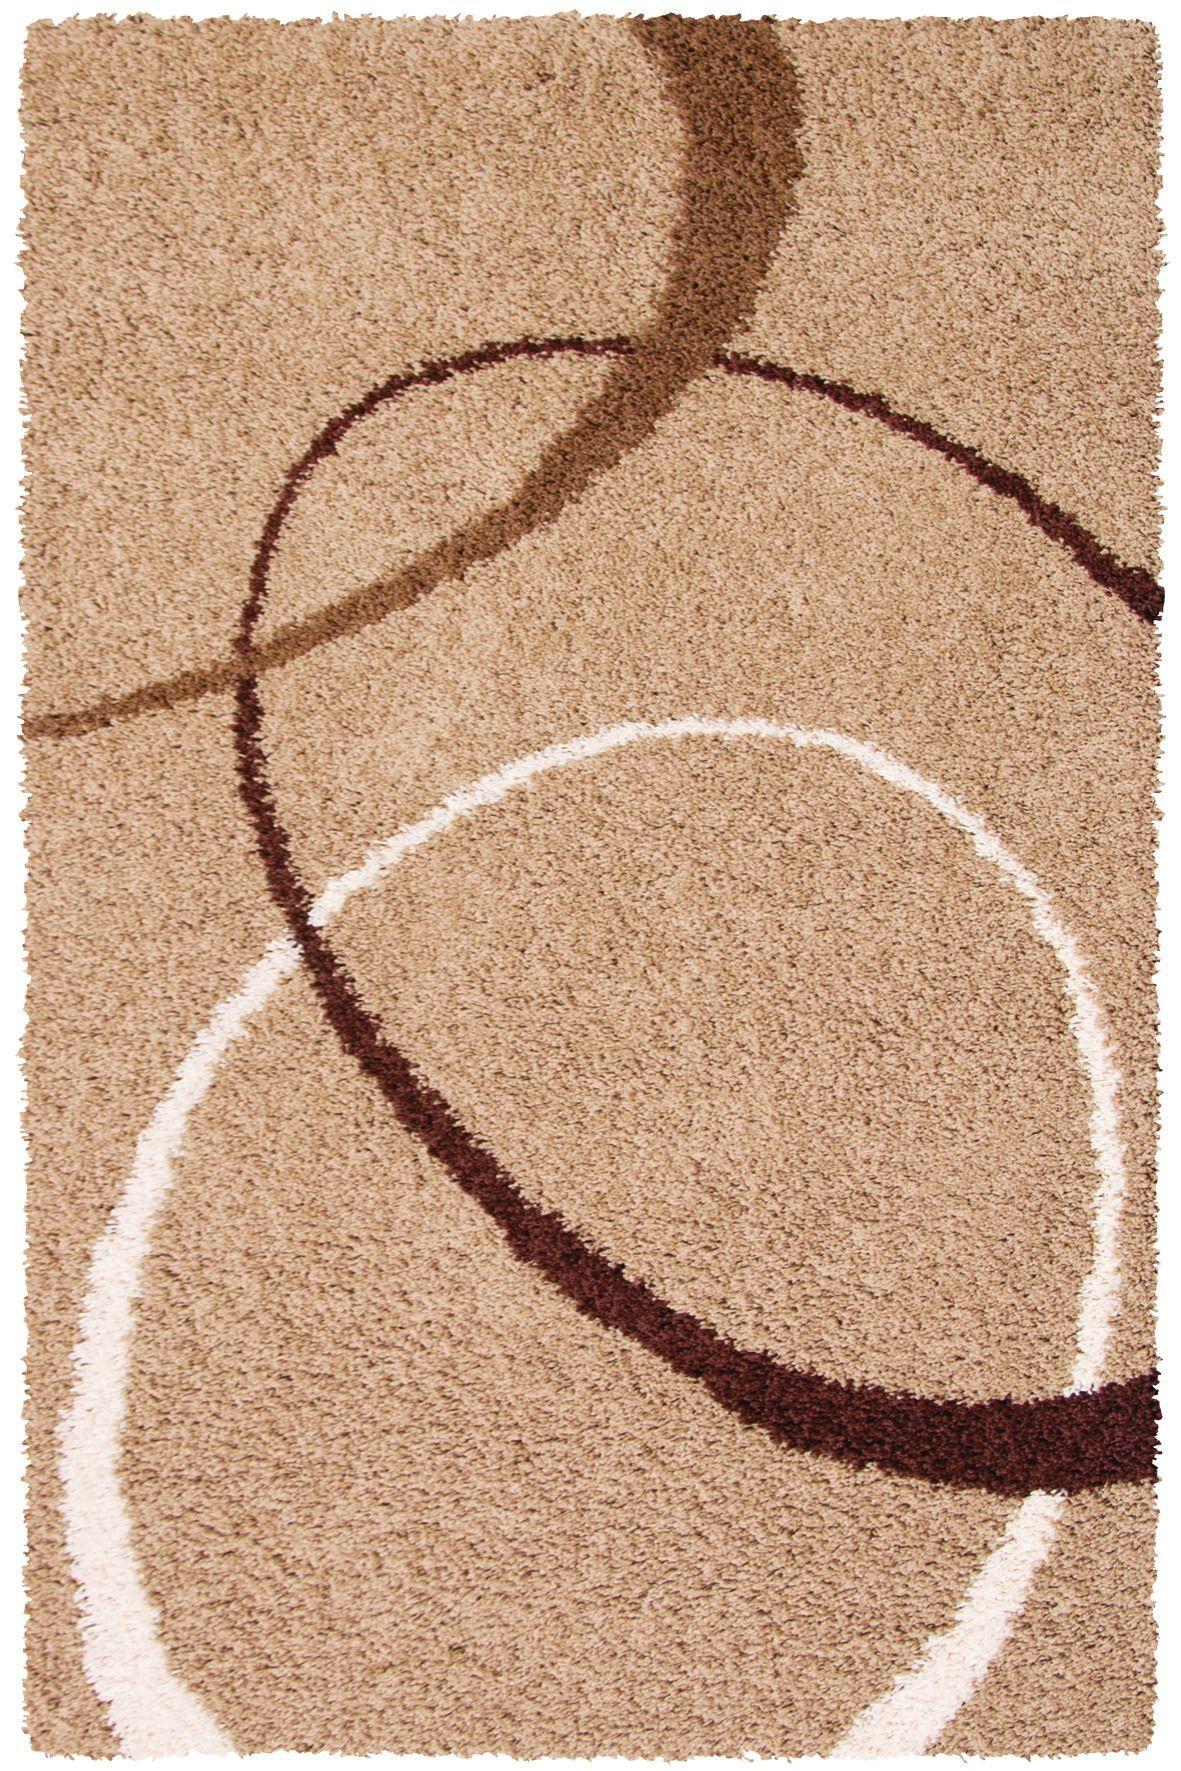 Ковер Sintelon Babylon (арт.L 02EBE) 800*1500ммКовры с длинным ворсом<br><br><br>Артикул: L 02EBE<br>Бренд: Sintelon<br>Страна-изготовитель: Сербия<br>Форма ковра: прямоугольник<br>Материал ворса коврового покрытия: Полипропилен<br>Высота ворса коврового покрытия (мм): 30<br>Длина ковра (мм): 1500<br>Ширина ковра (мм): 800<br>Цвет коврового покрытия: Бежевый